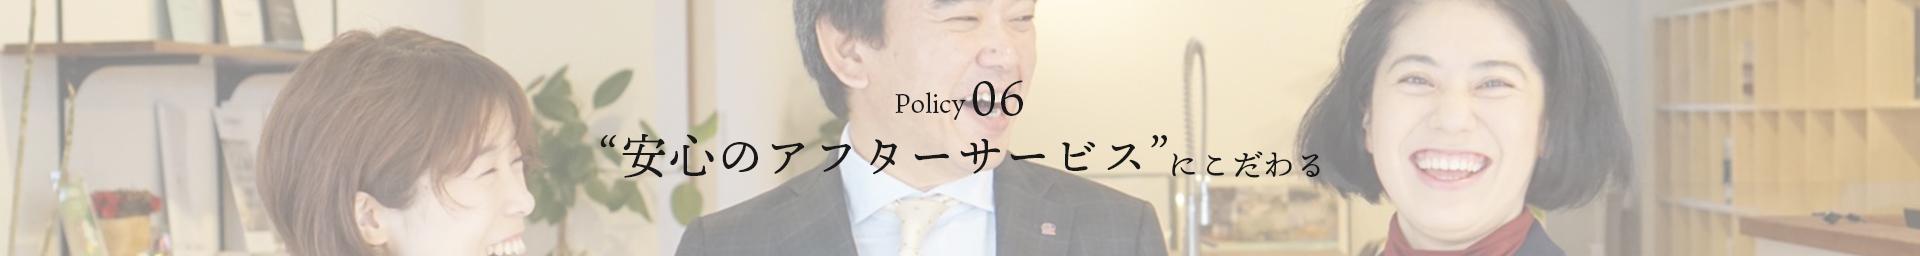 policy03「安心のアフターサービス」にこだわる